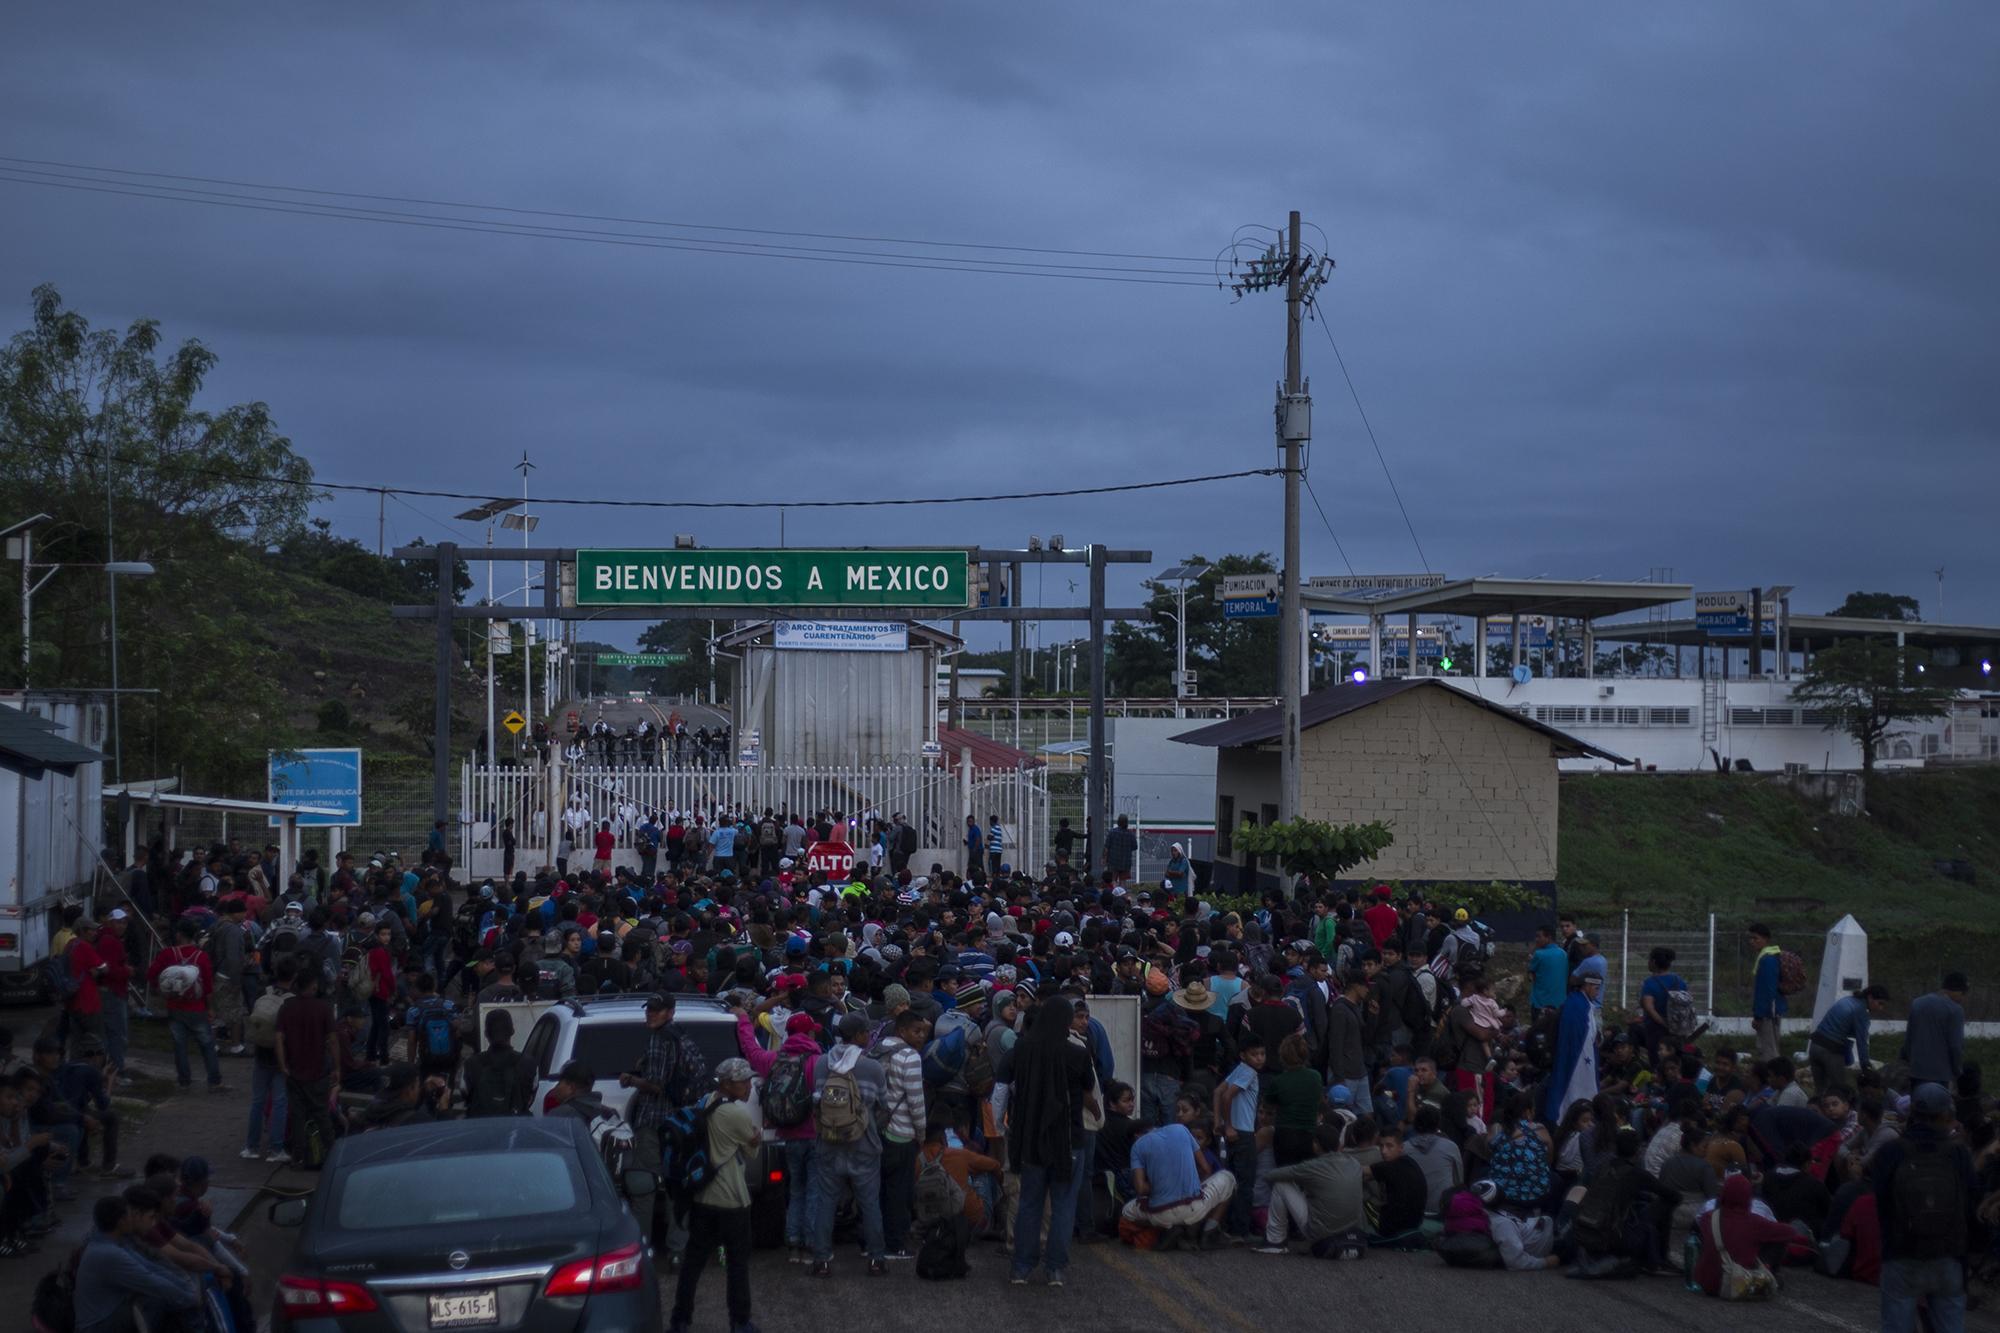 Ante la llegada de una caravana de migrantes, las autoridades mexicanas cerraron por completo el acceso en el paso fronterizo El Ceibo. Mas de 800 personas se plantaron durante horas sobre la calle principal del pequeño poblado de El Ceibo. Foto: Víctor Peña.